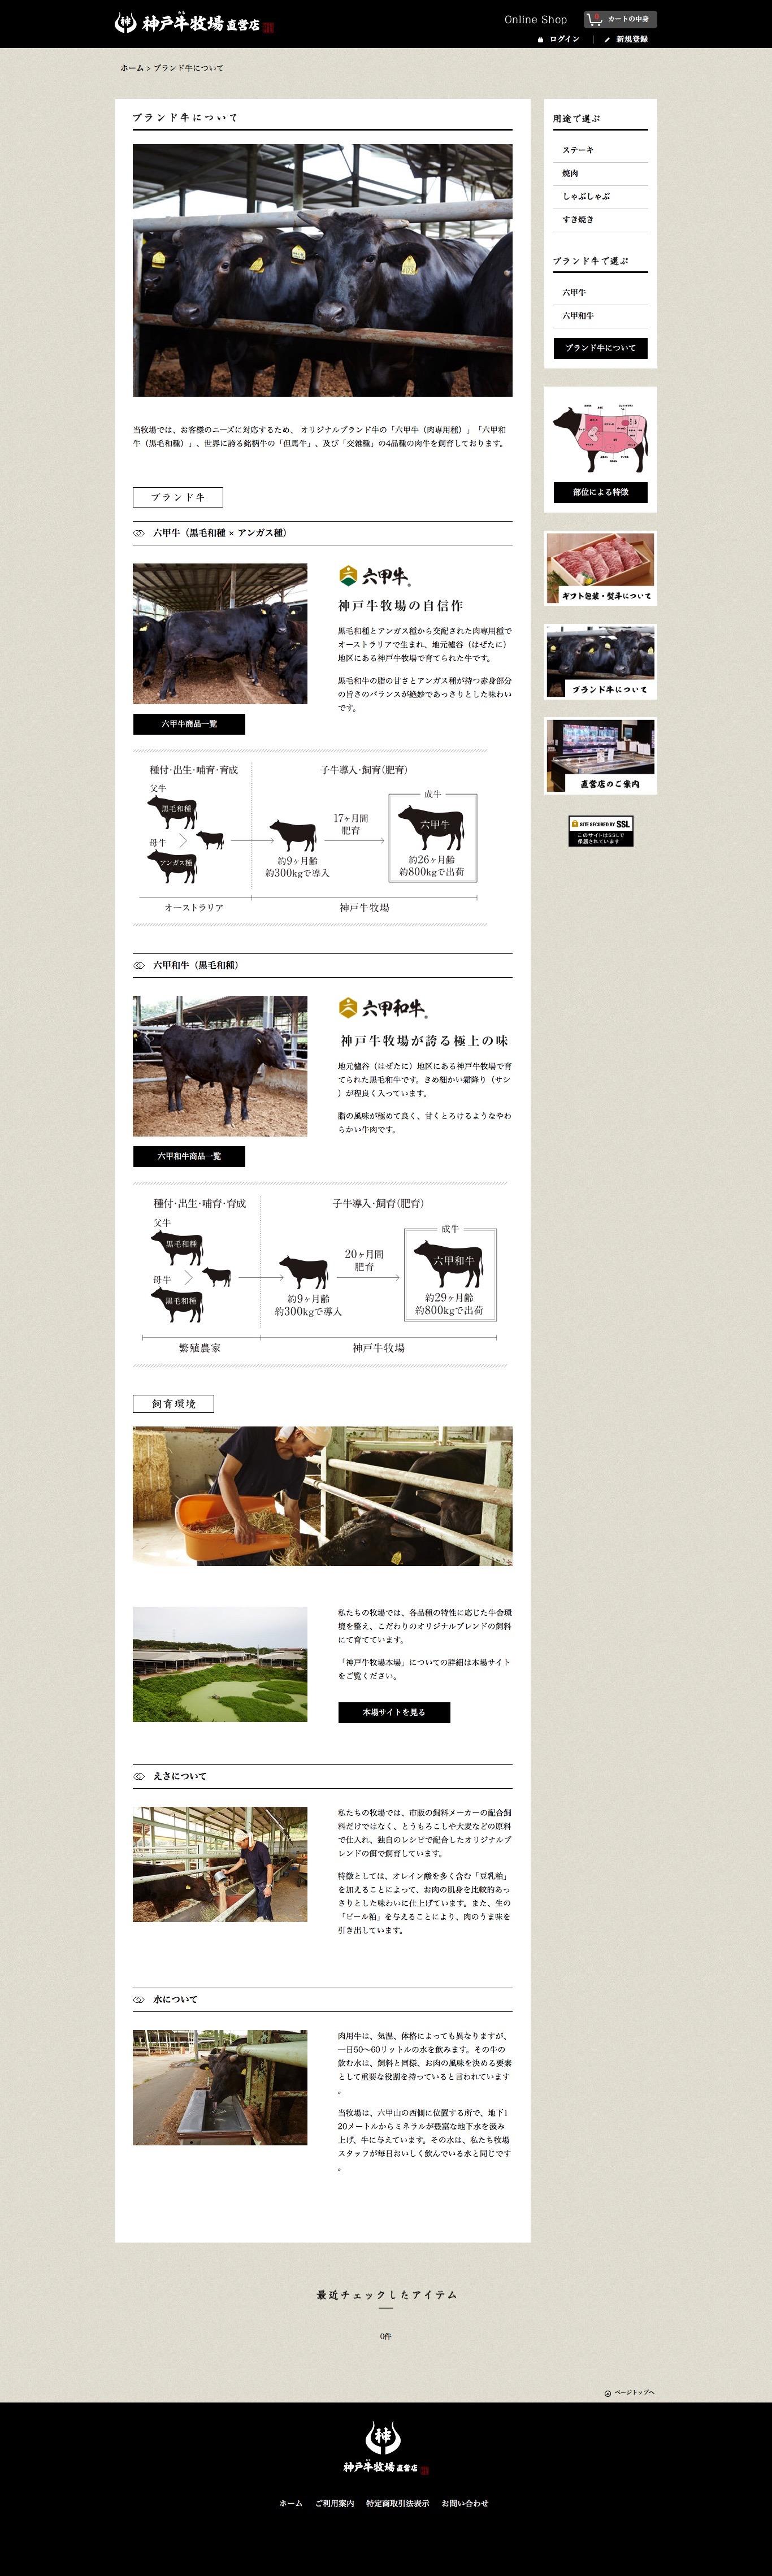 神戸牛牧場 ブランド牛について